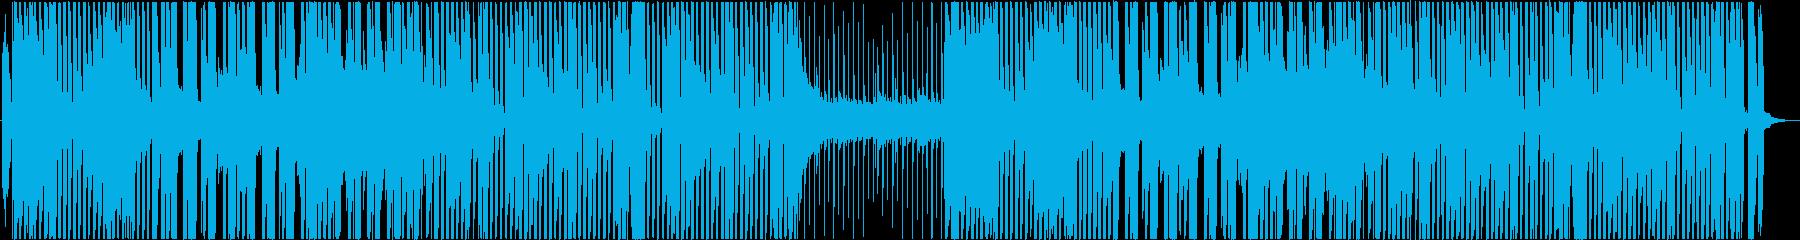 ノリのよいスムースジャズなイメージの再生済みの波形